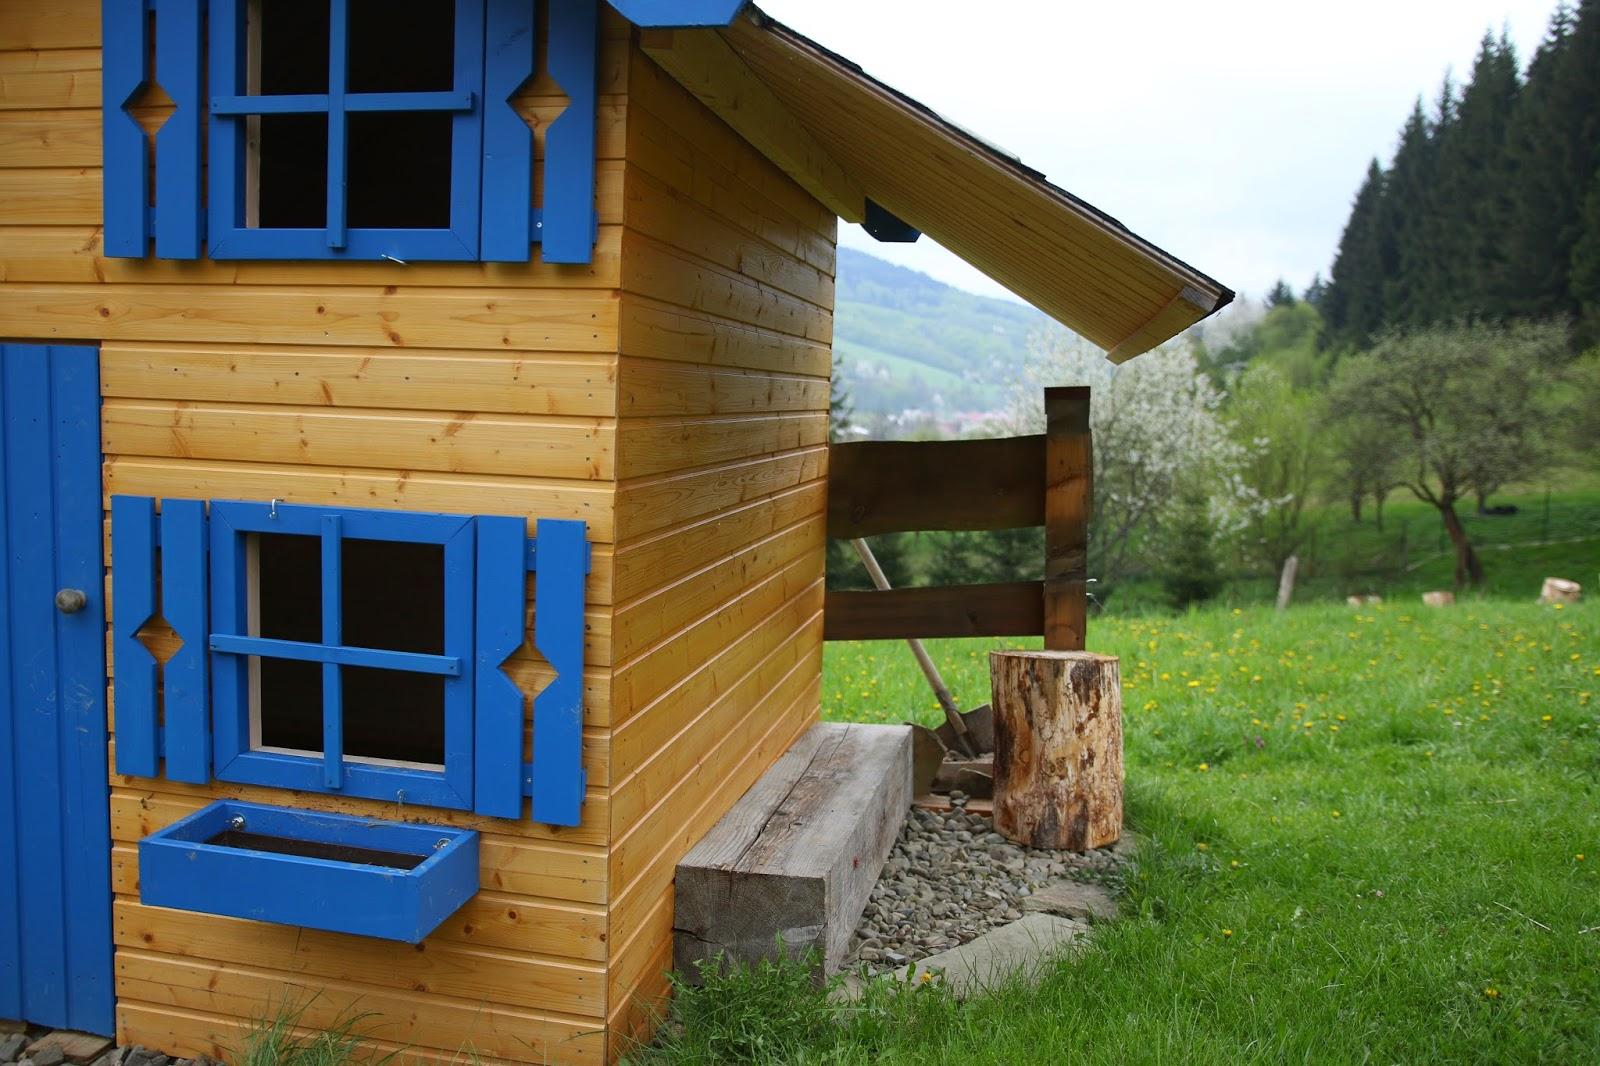 Okenice dětského domečku